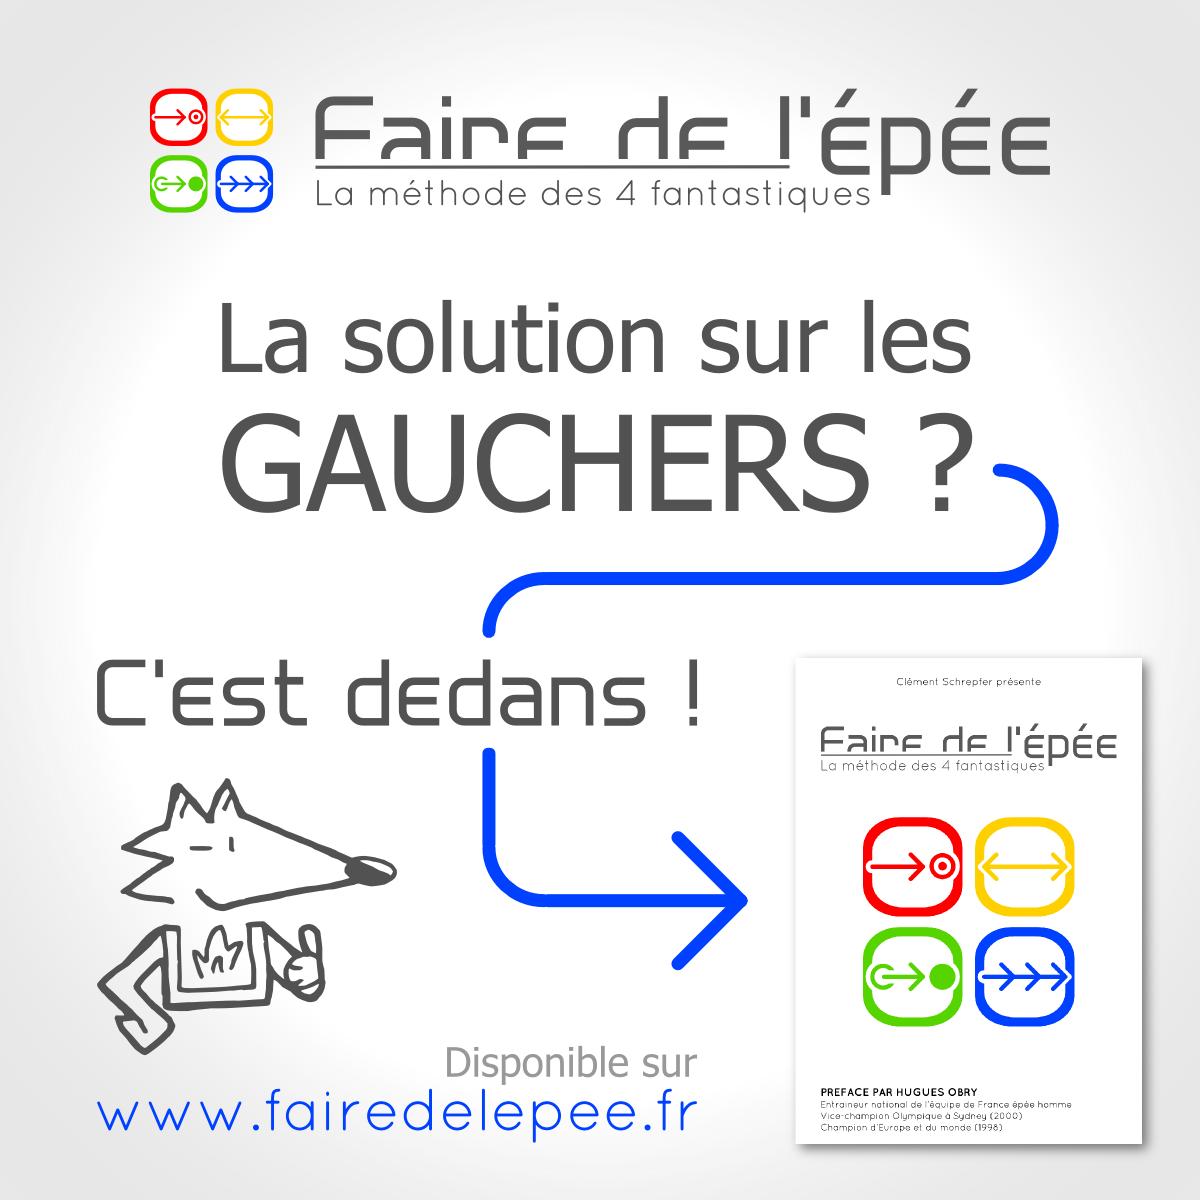 FB_4fantastiques_SolutionGaucher